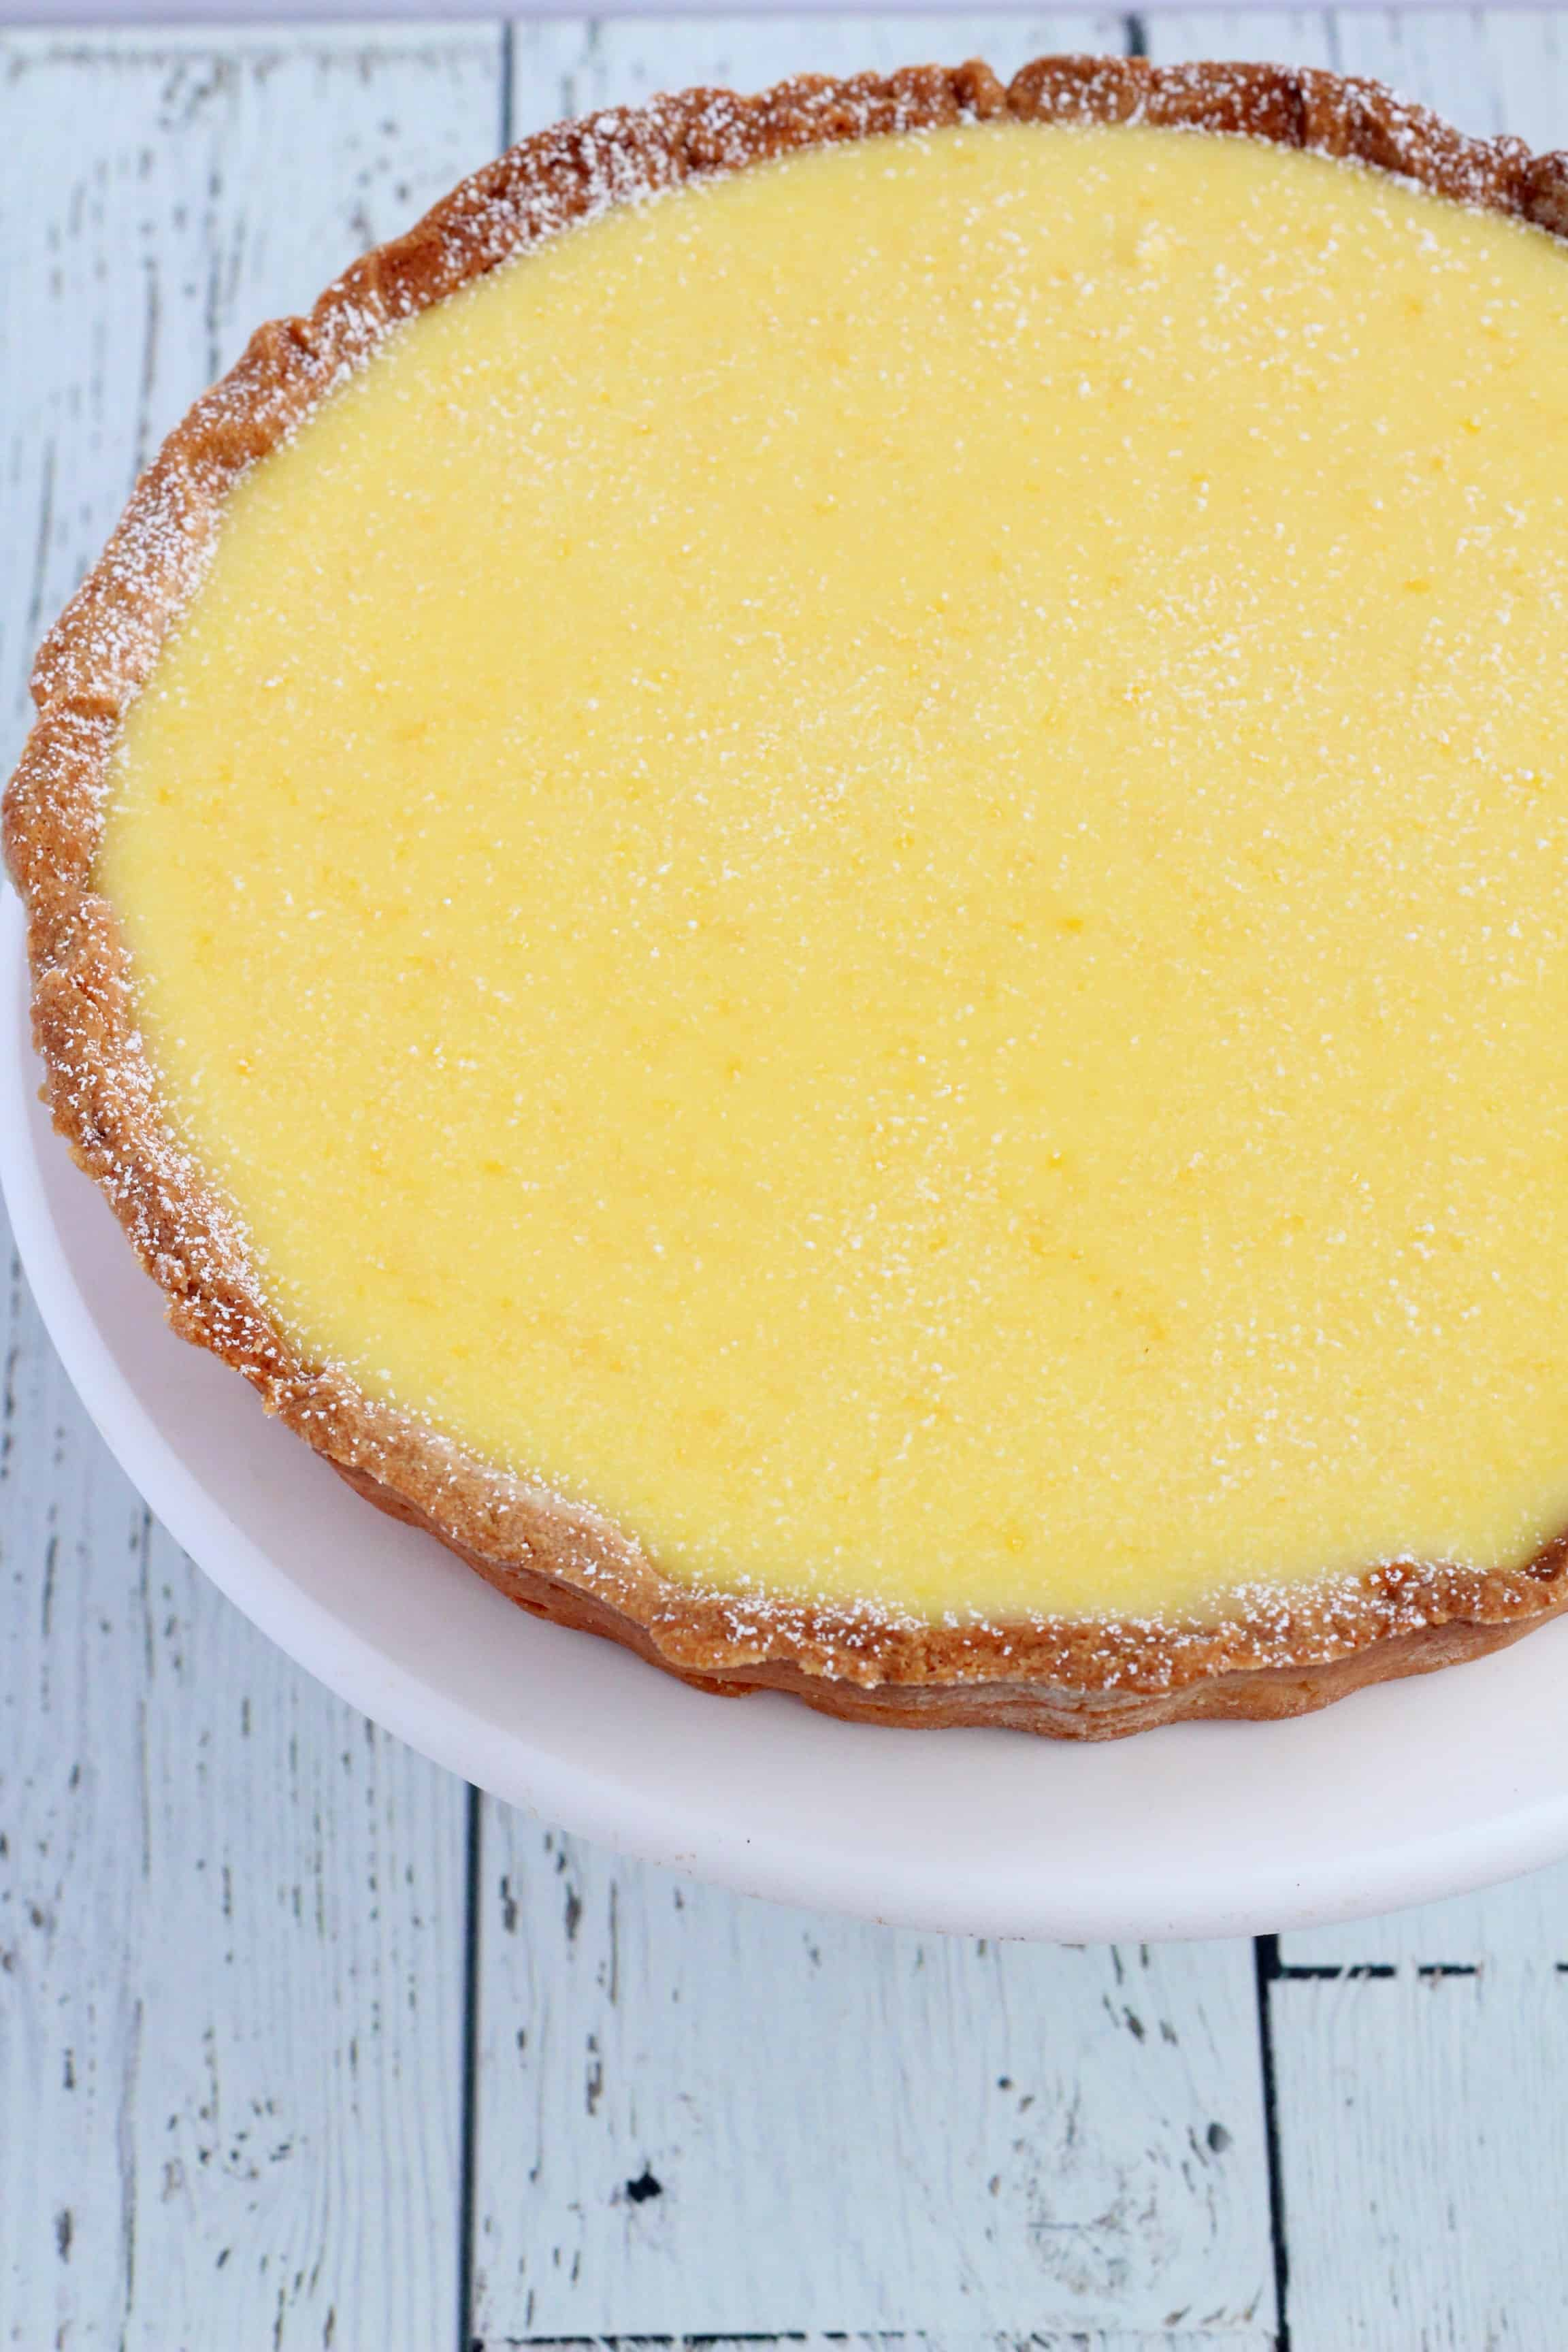 Lemon tart close up